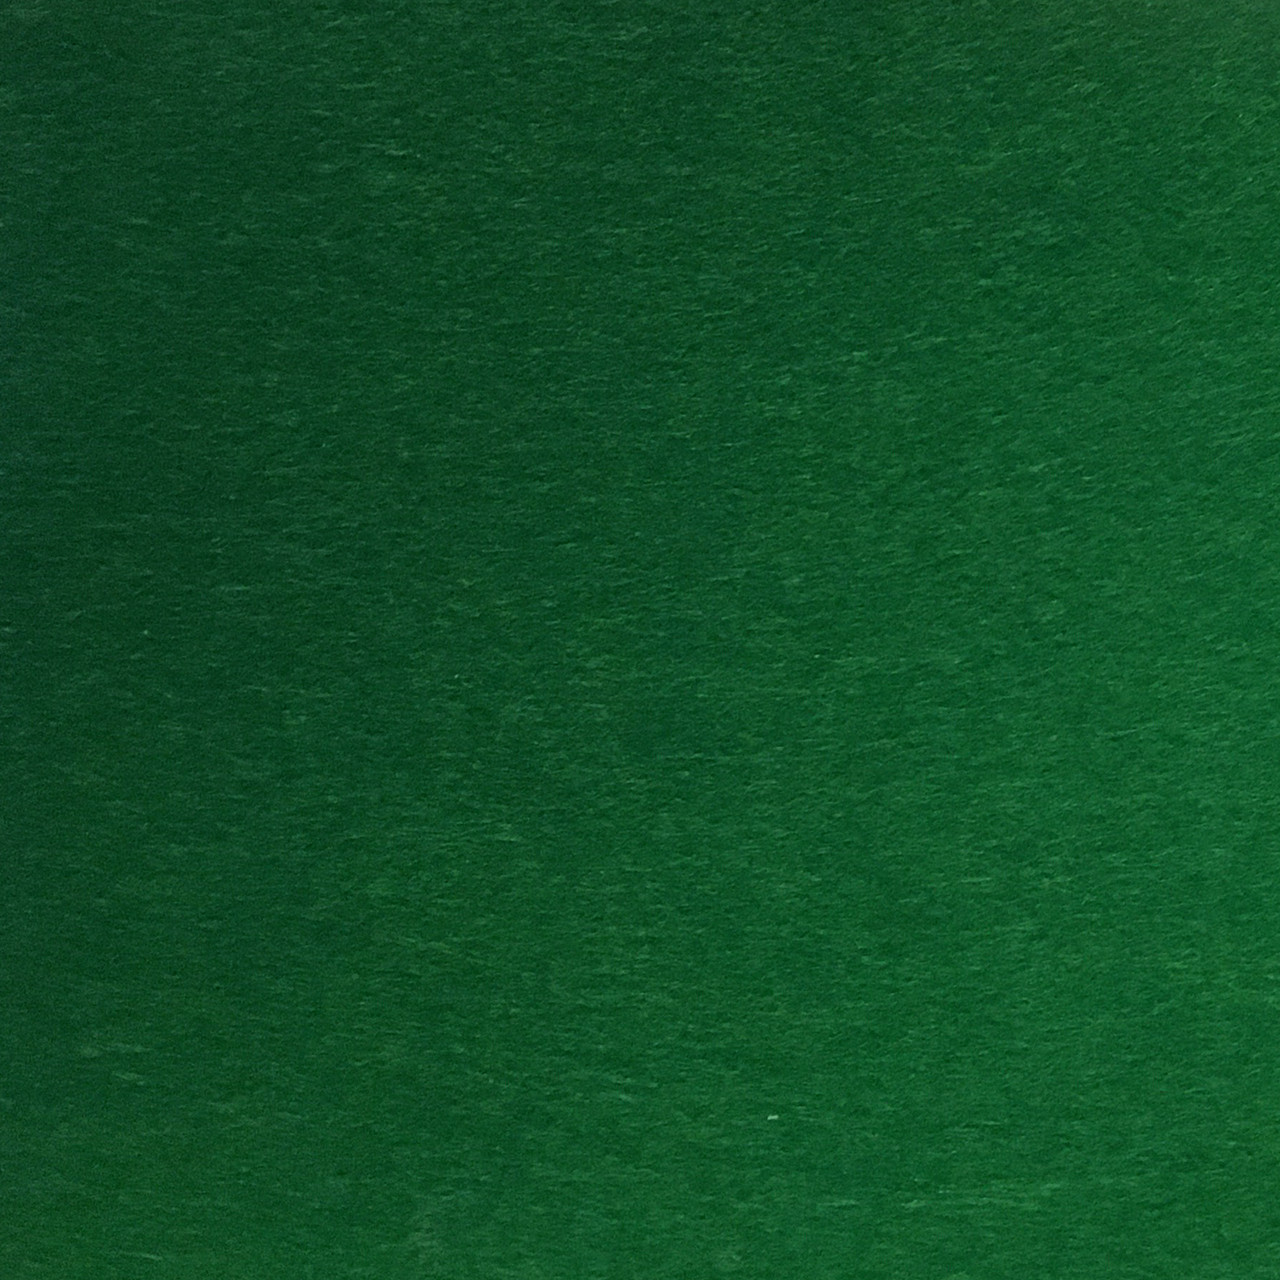 Фетр 1мм. Жесткий. Лист 15х20 см. Зеленый